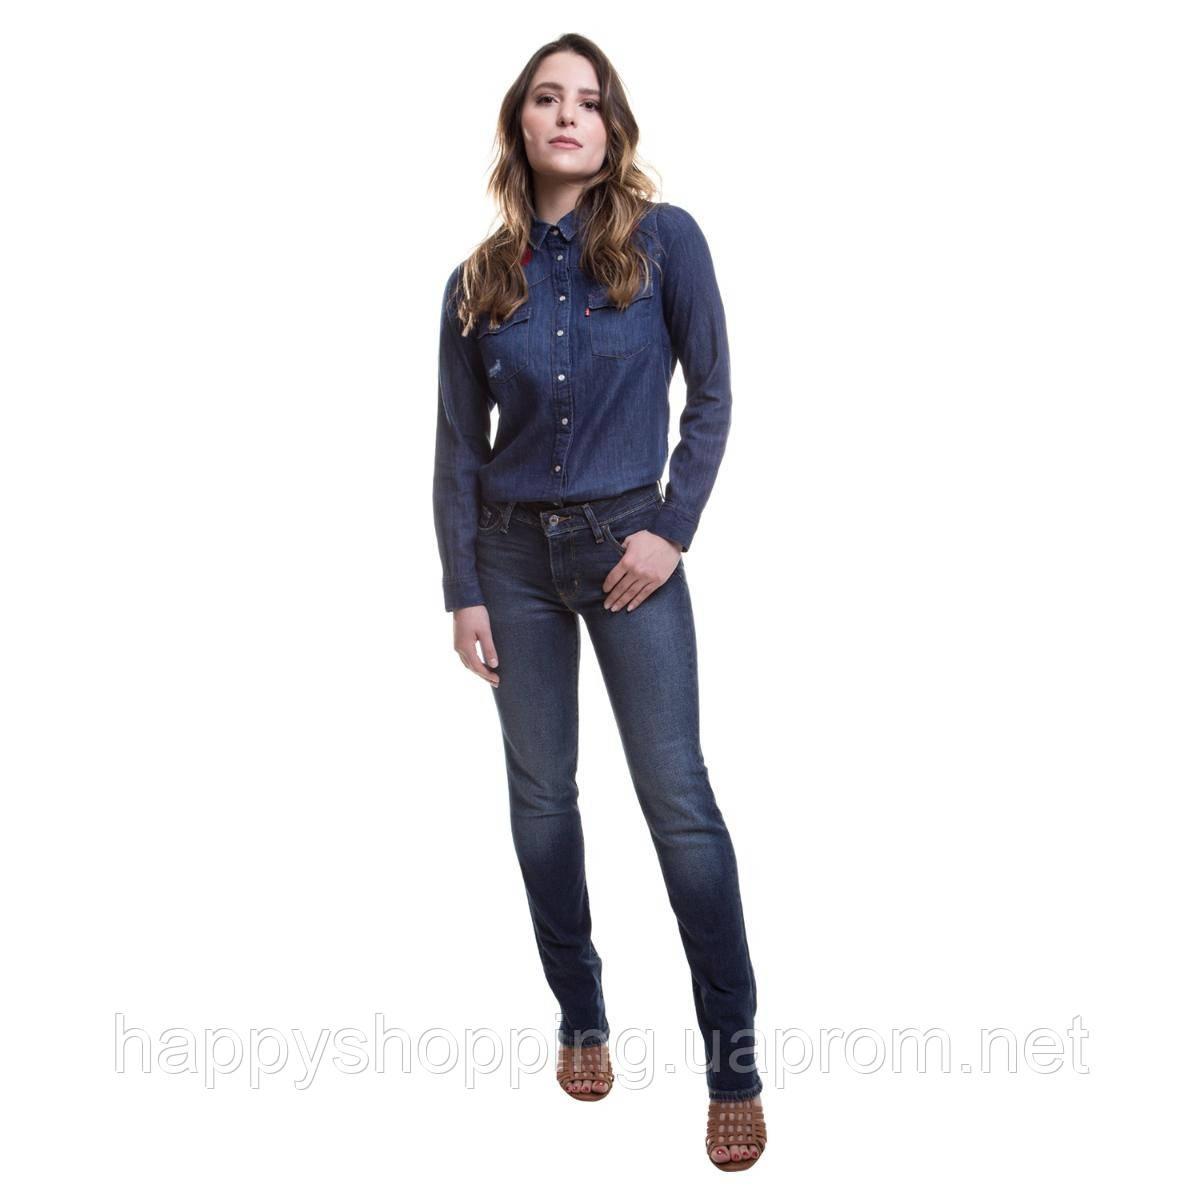 Женские оригинальные прямые джинсы 714 straight популярного американского бренда Levi's